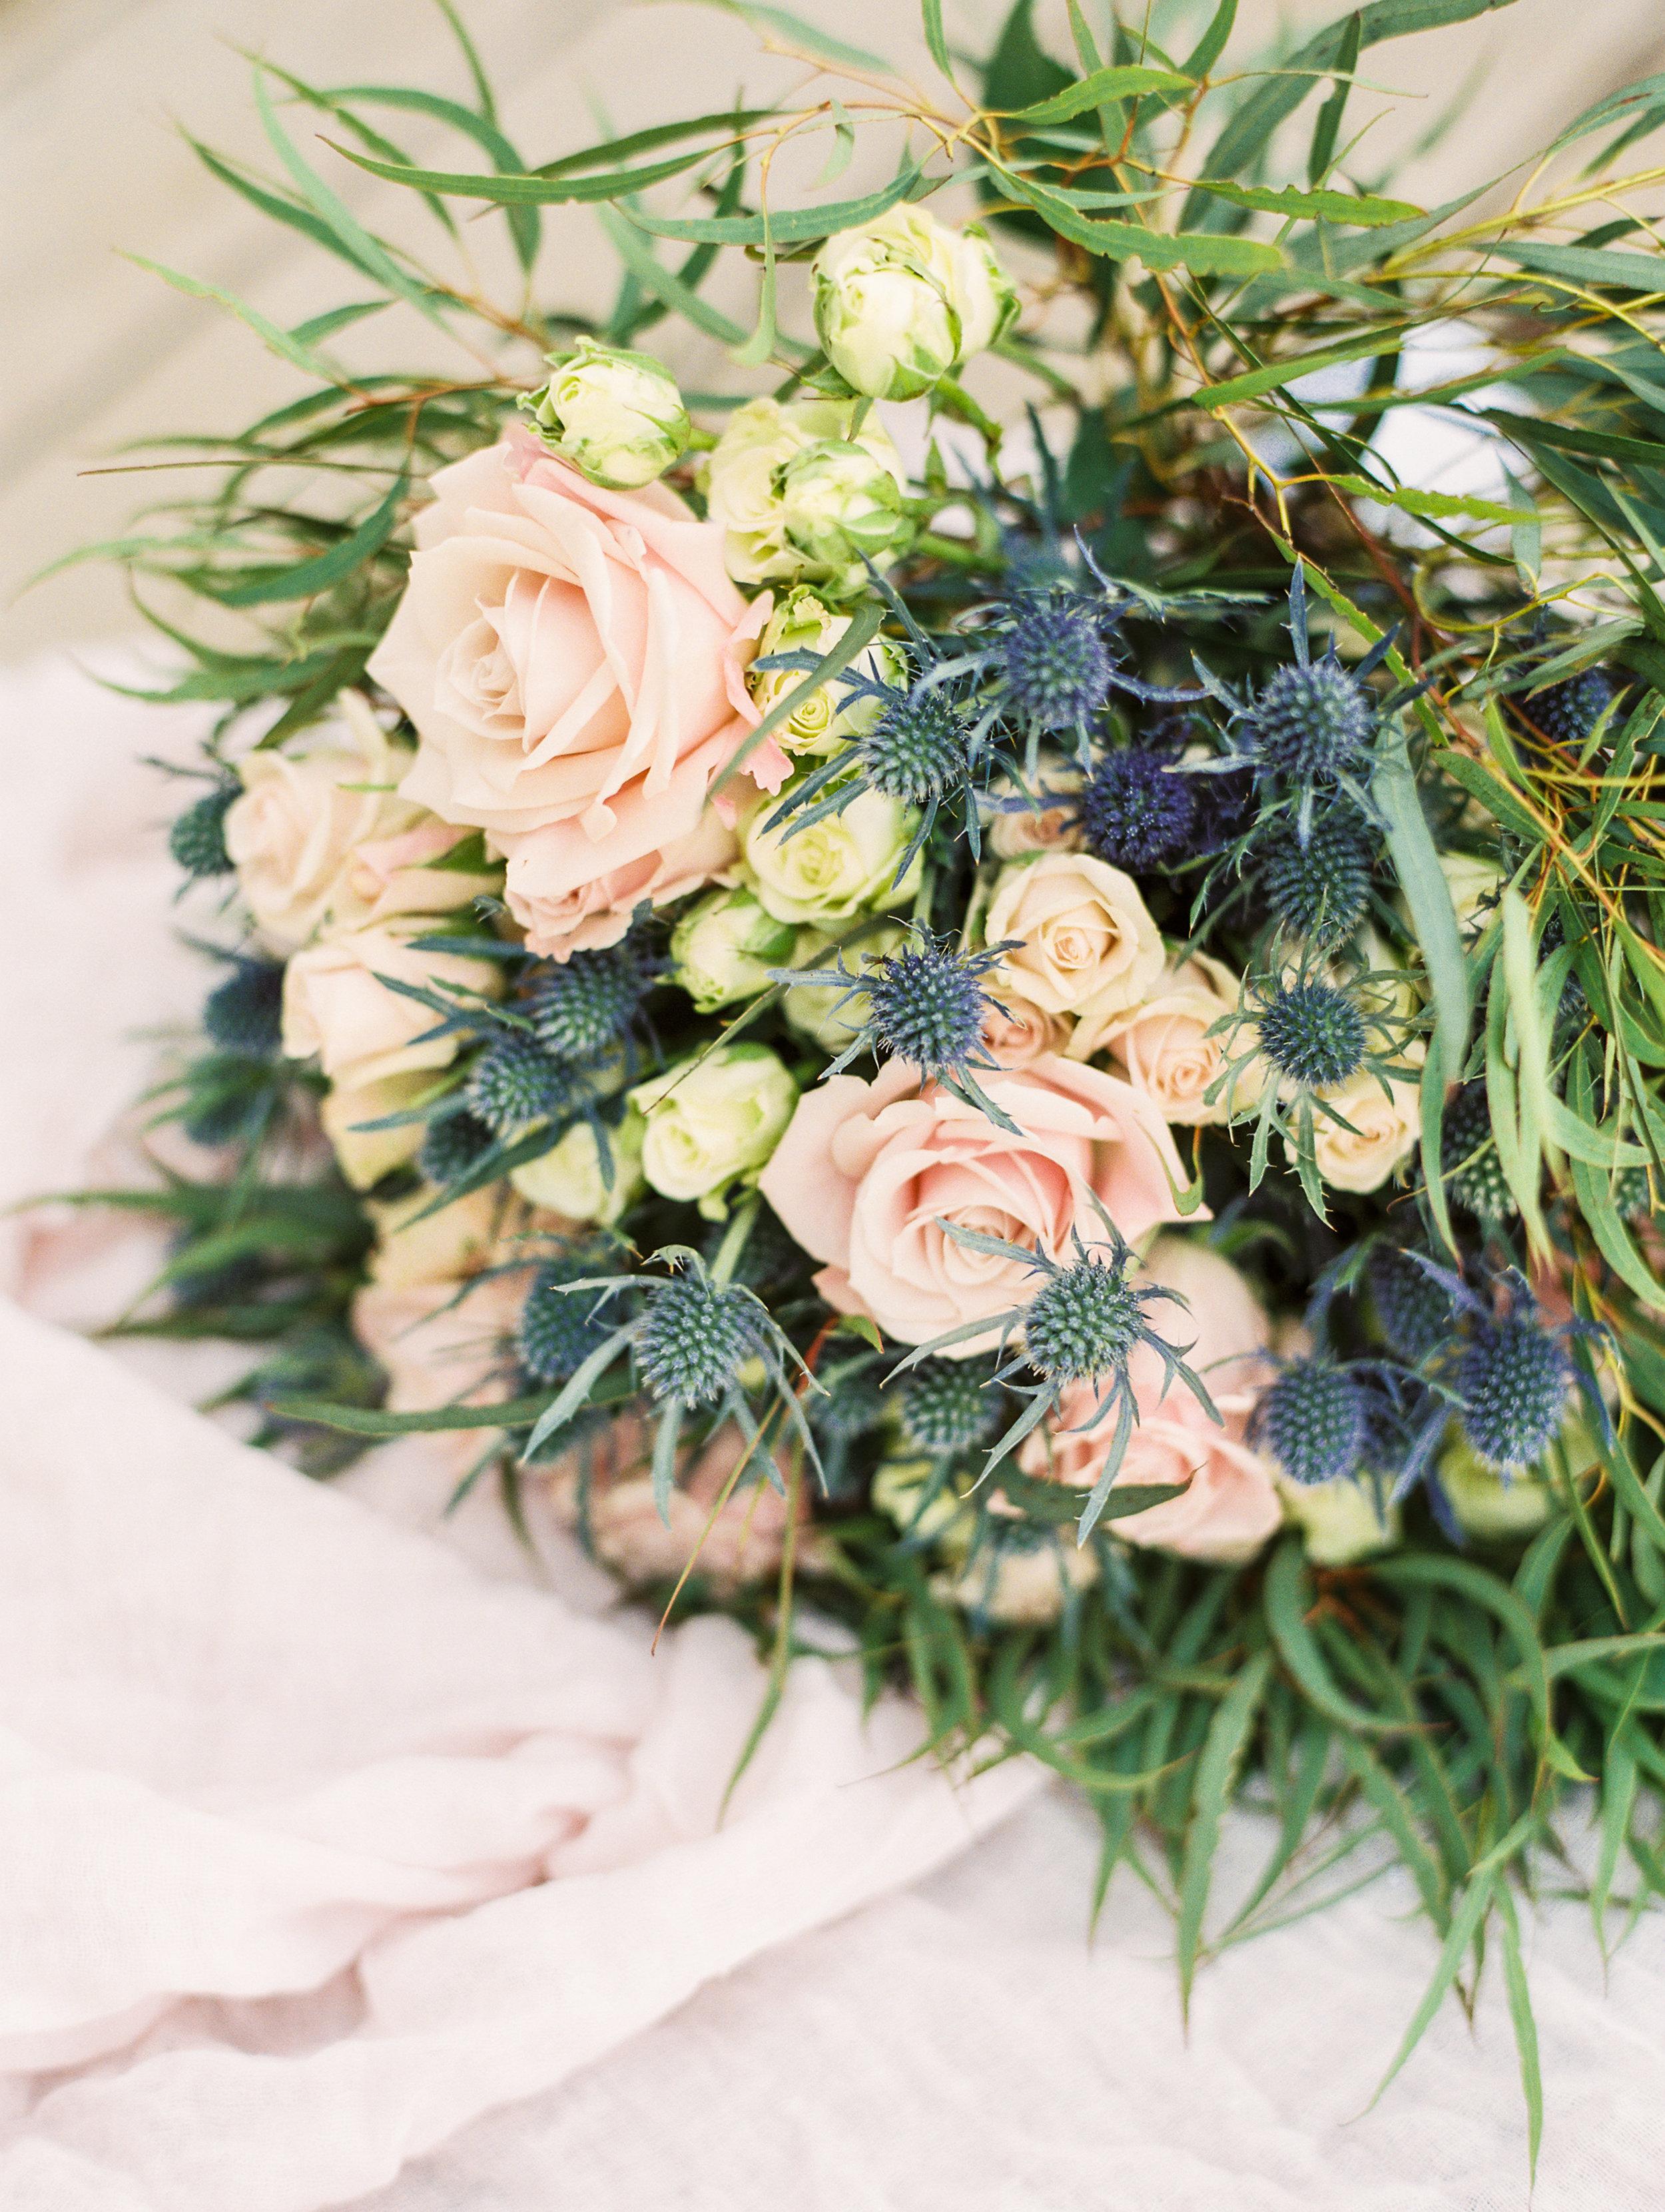 Cupp+Wedding+Detailsf-2.jpg